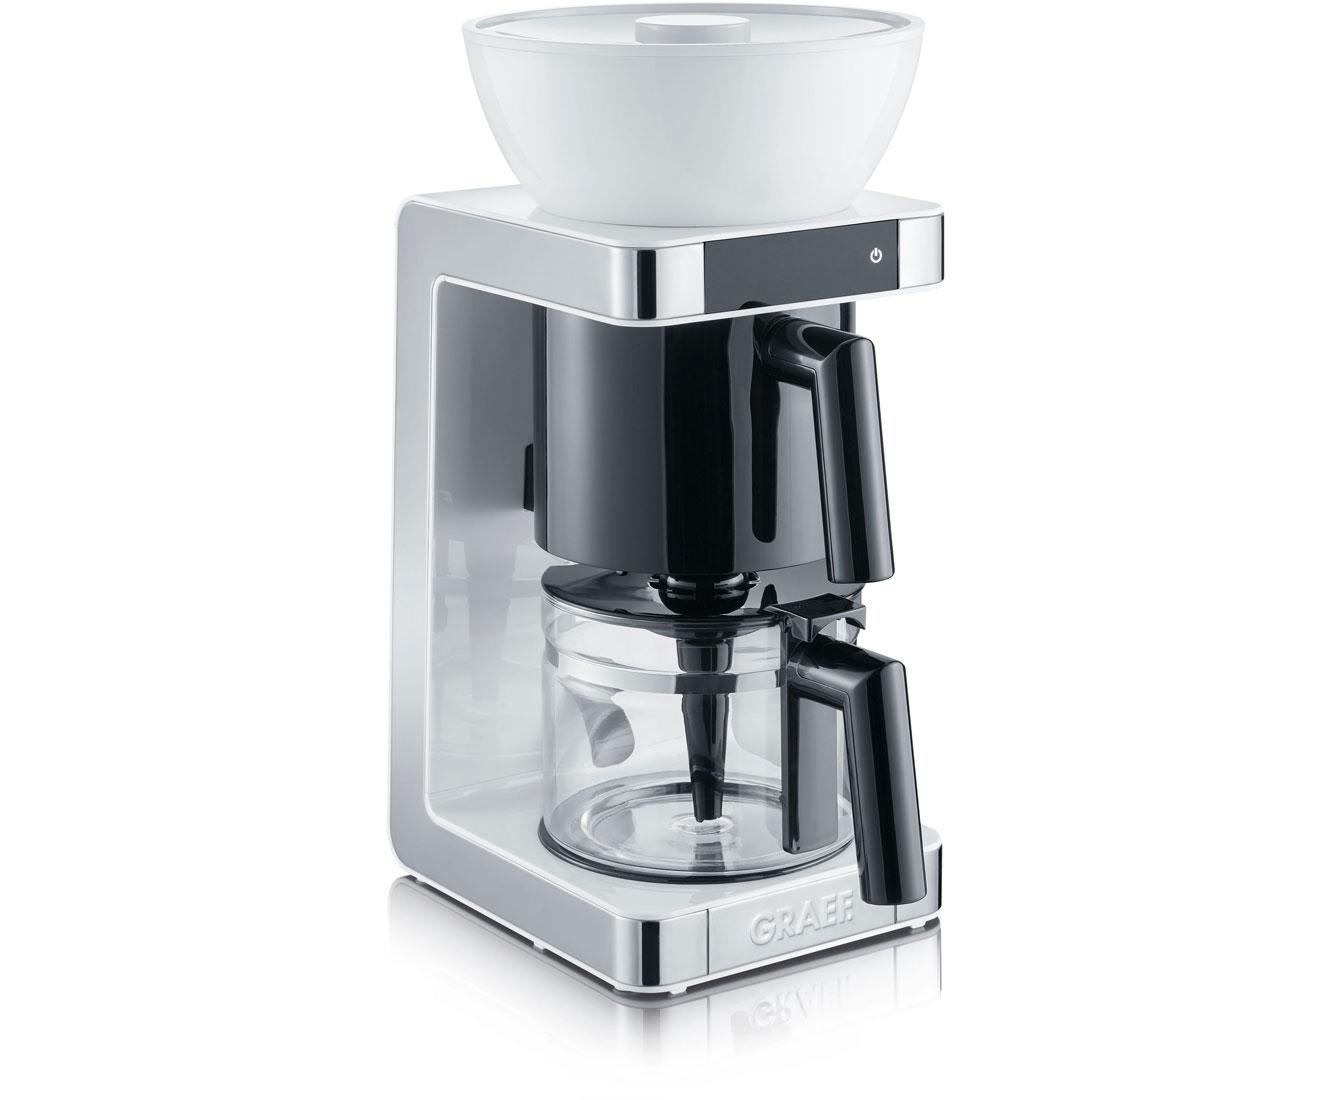 Graef FK701EU Kaffeemaschinen - Weiß | Küche und Esszimmer > Kaffee und Tee > Kaffeemaschinen | Weiß | Graef